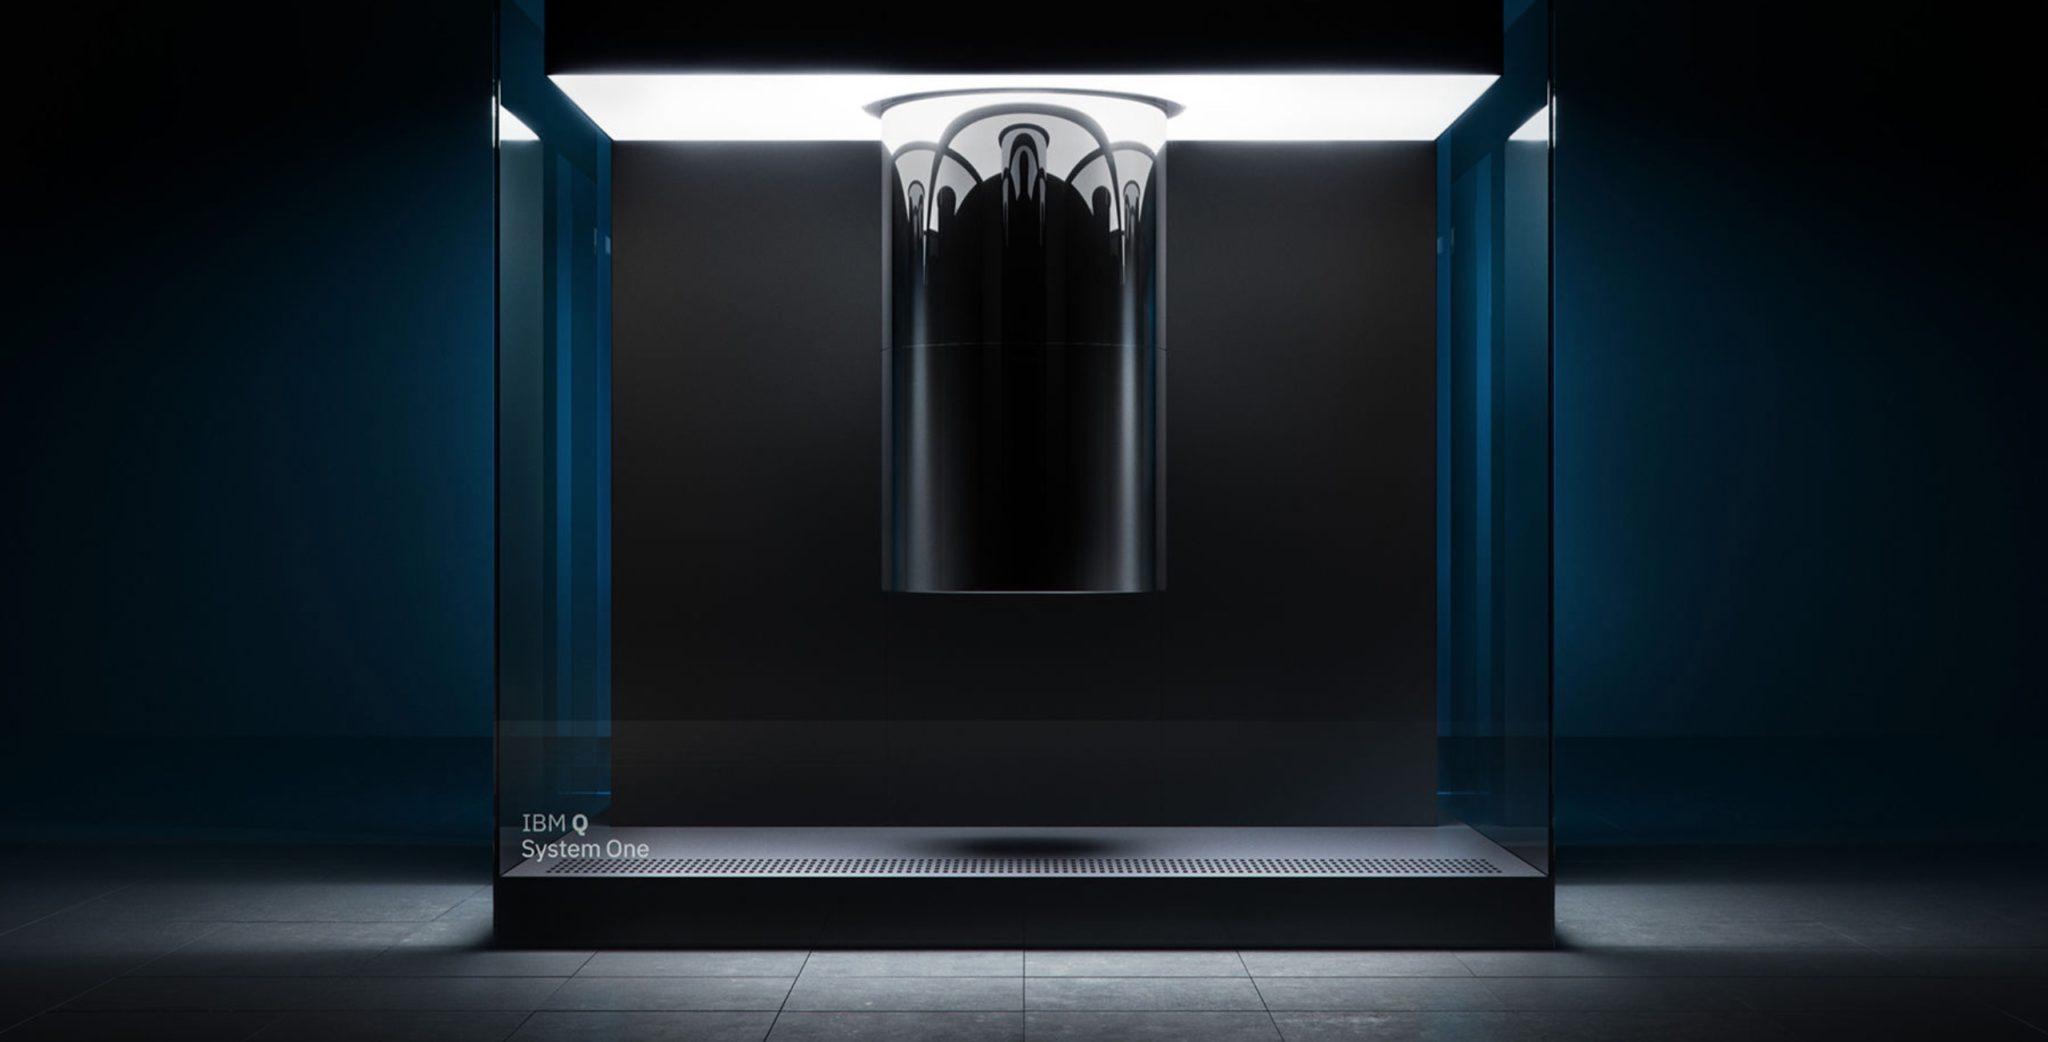 ibm quantum computer ces2019 - Zhrnutie: To najlepšie z CES 2019